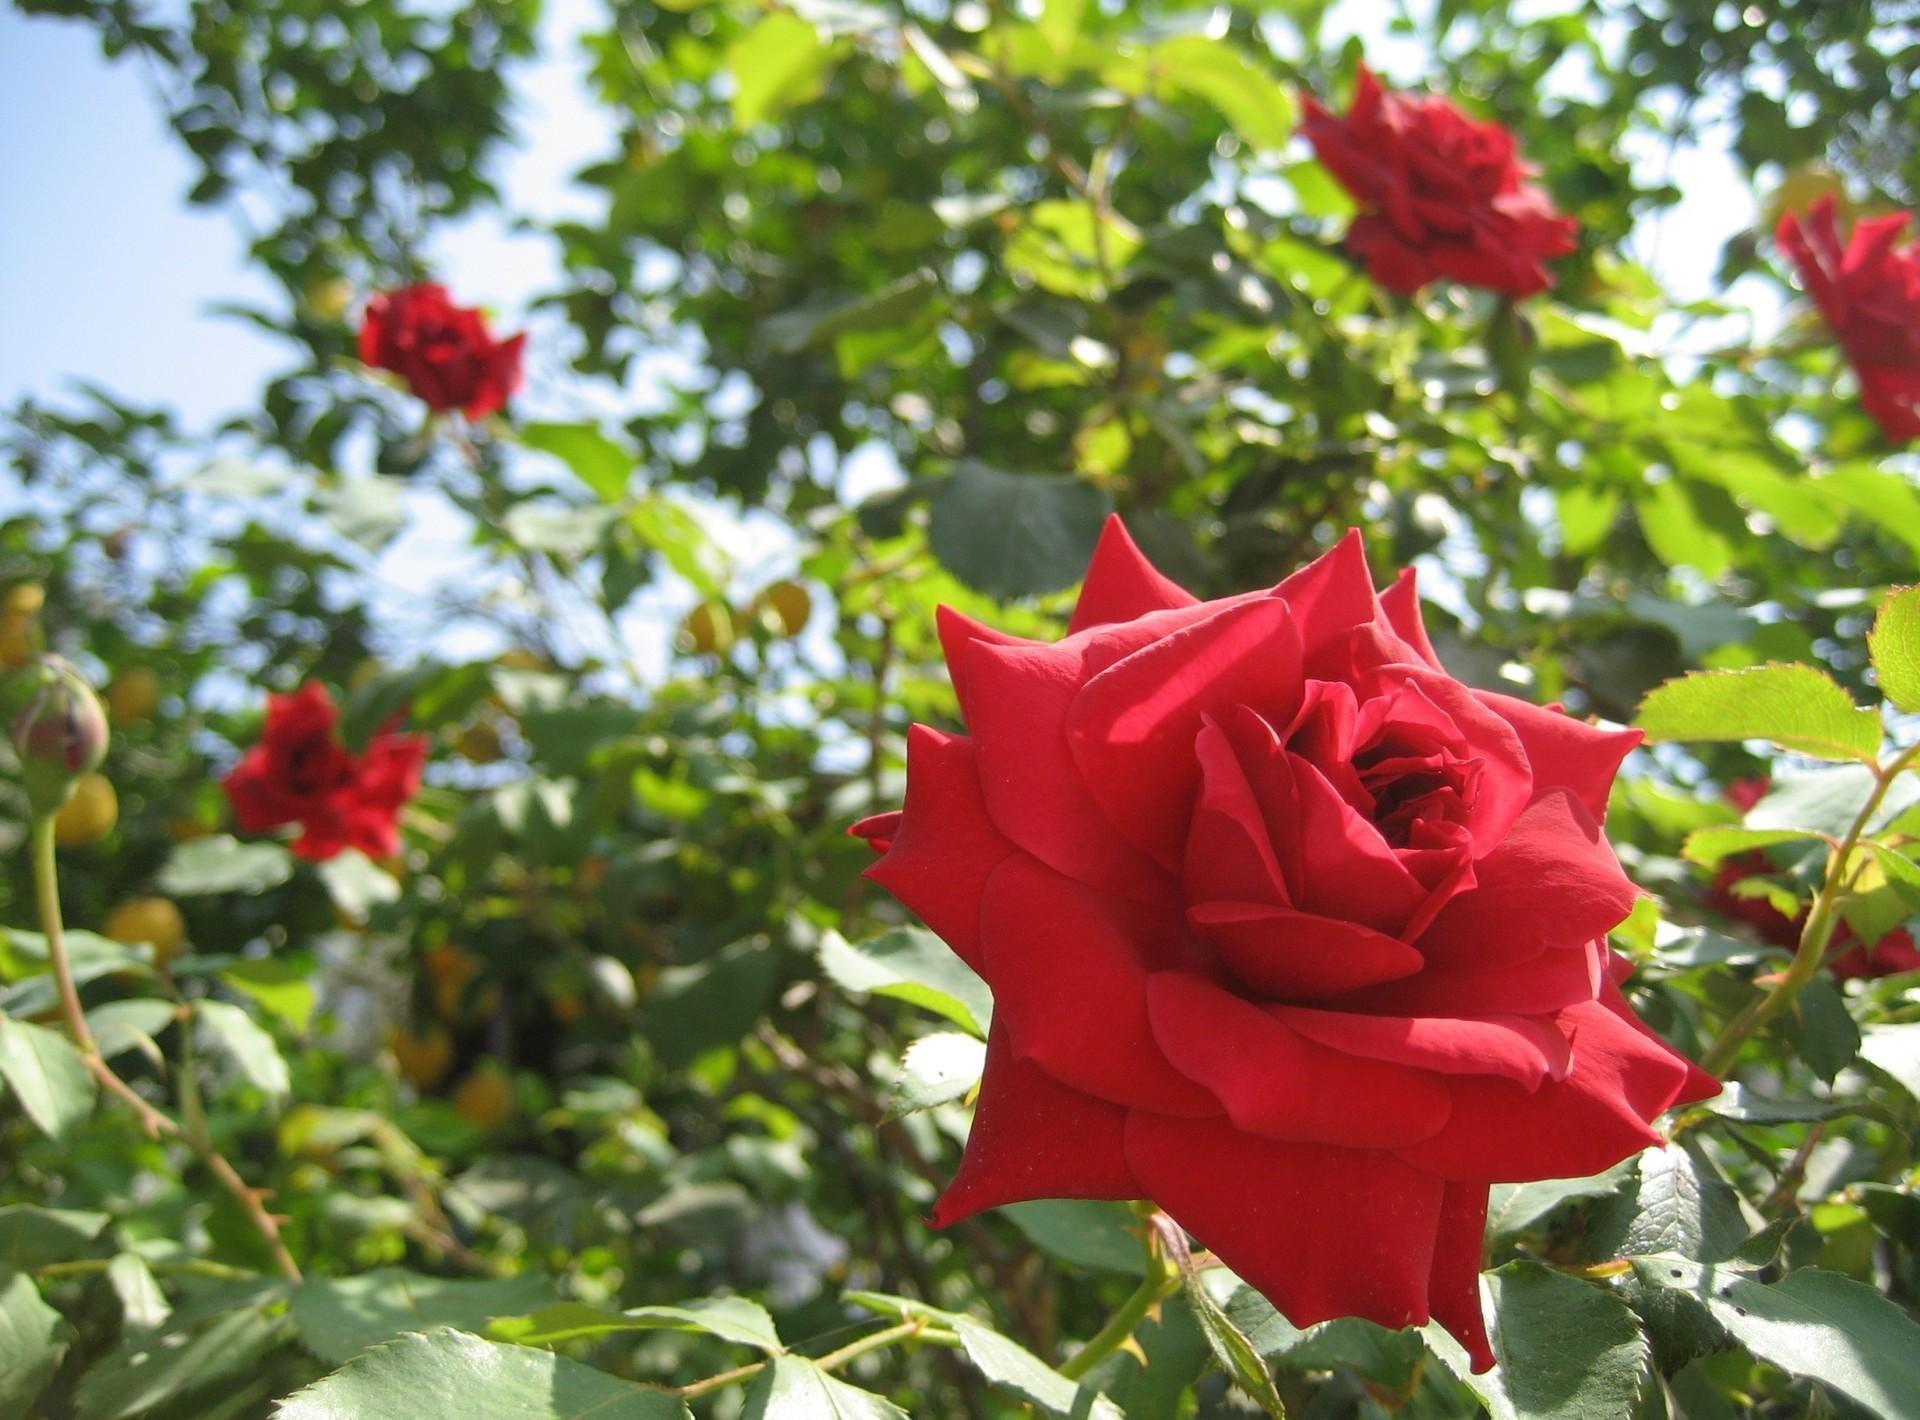 131824 скачать обои Цветы, Сад, Лето, Солнечно, Крупный План, Розы - заставки и картинки бесплатно